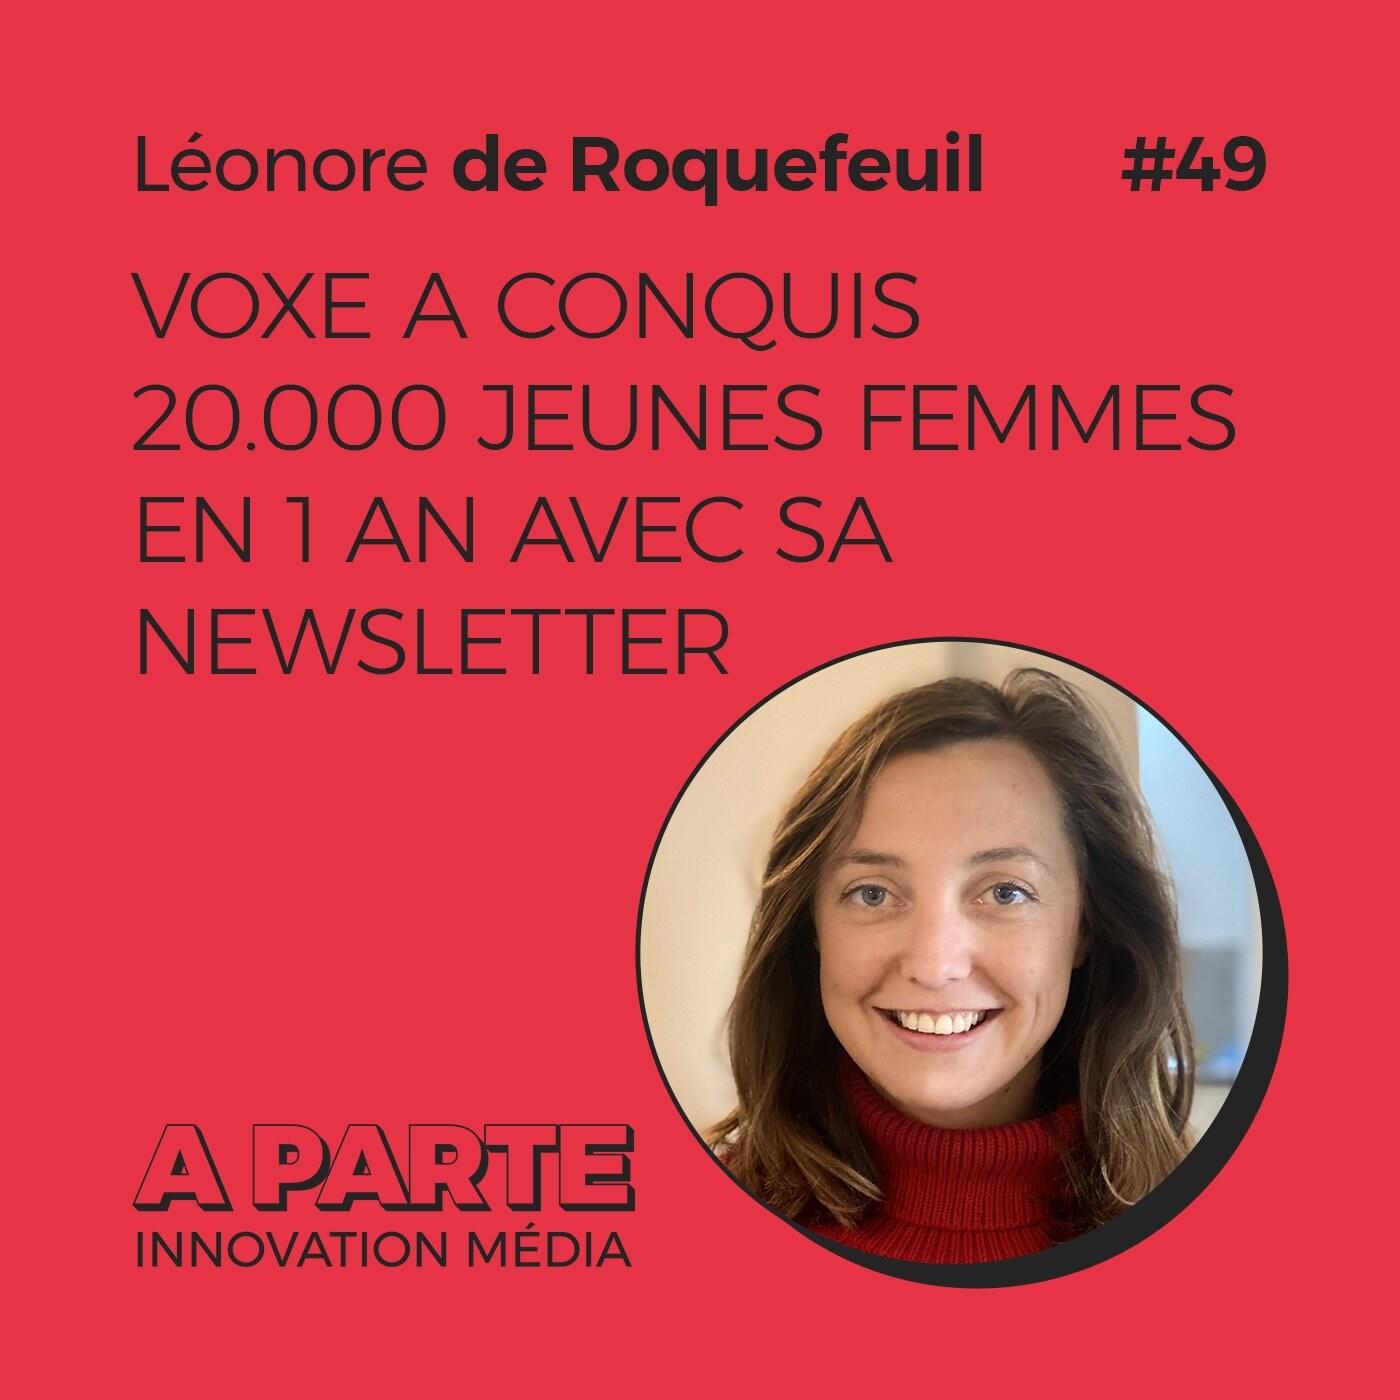 Voxe a conquis 20.000 jeunes femmes en 1 an avec sa newsletter, avec Léonore de Roquefeuil